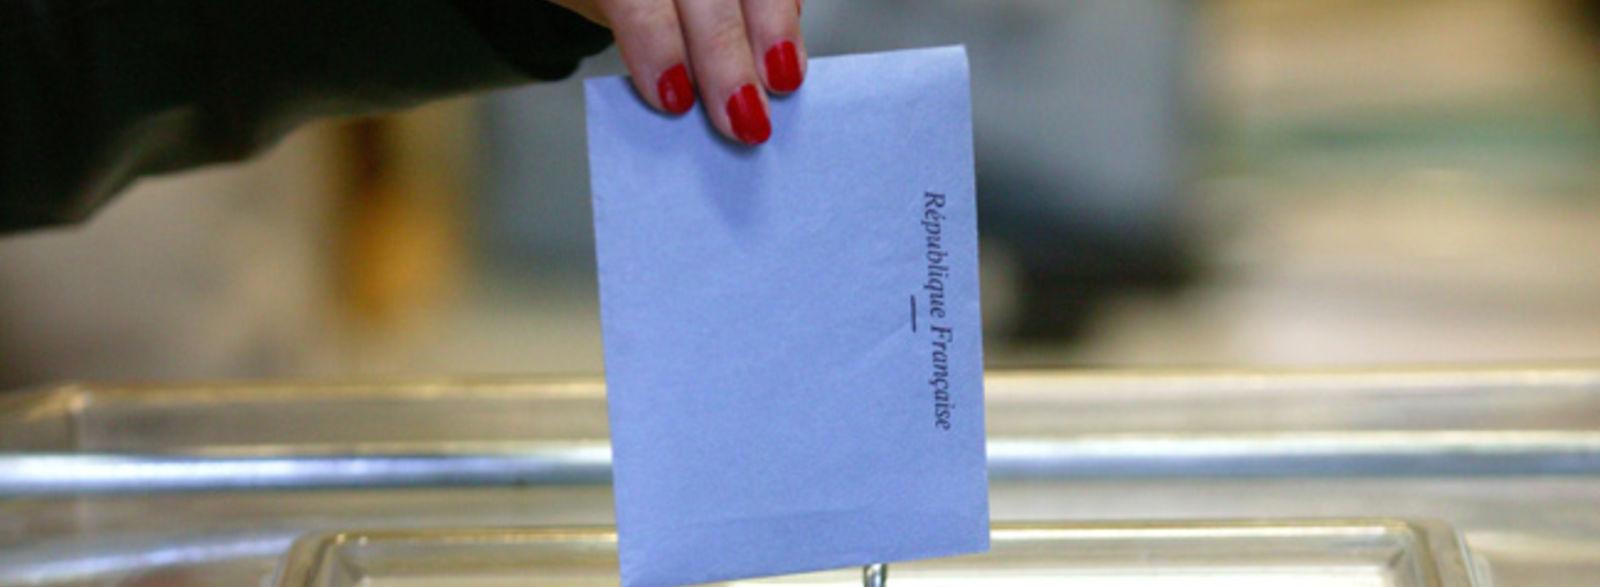 Comment les partis font leur beurre sur les législatives